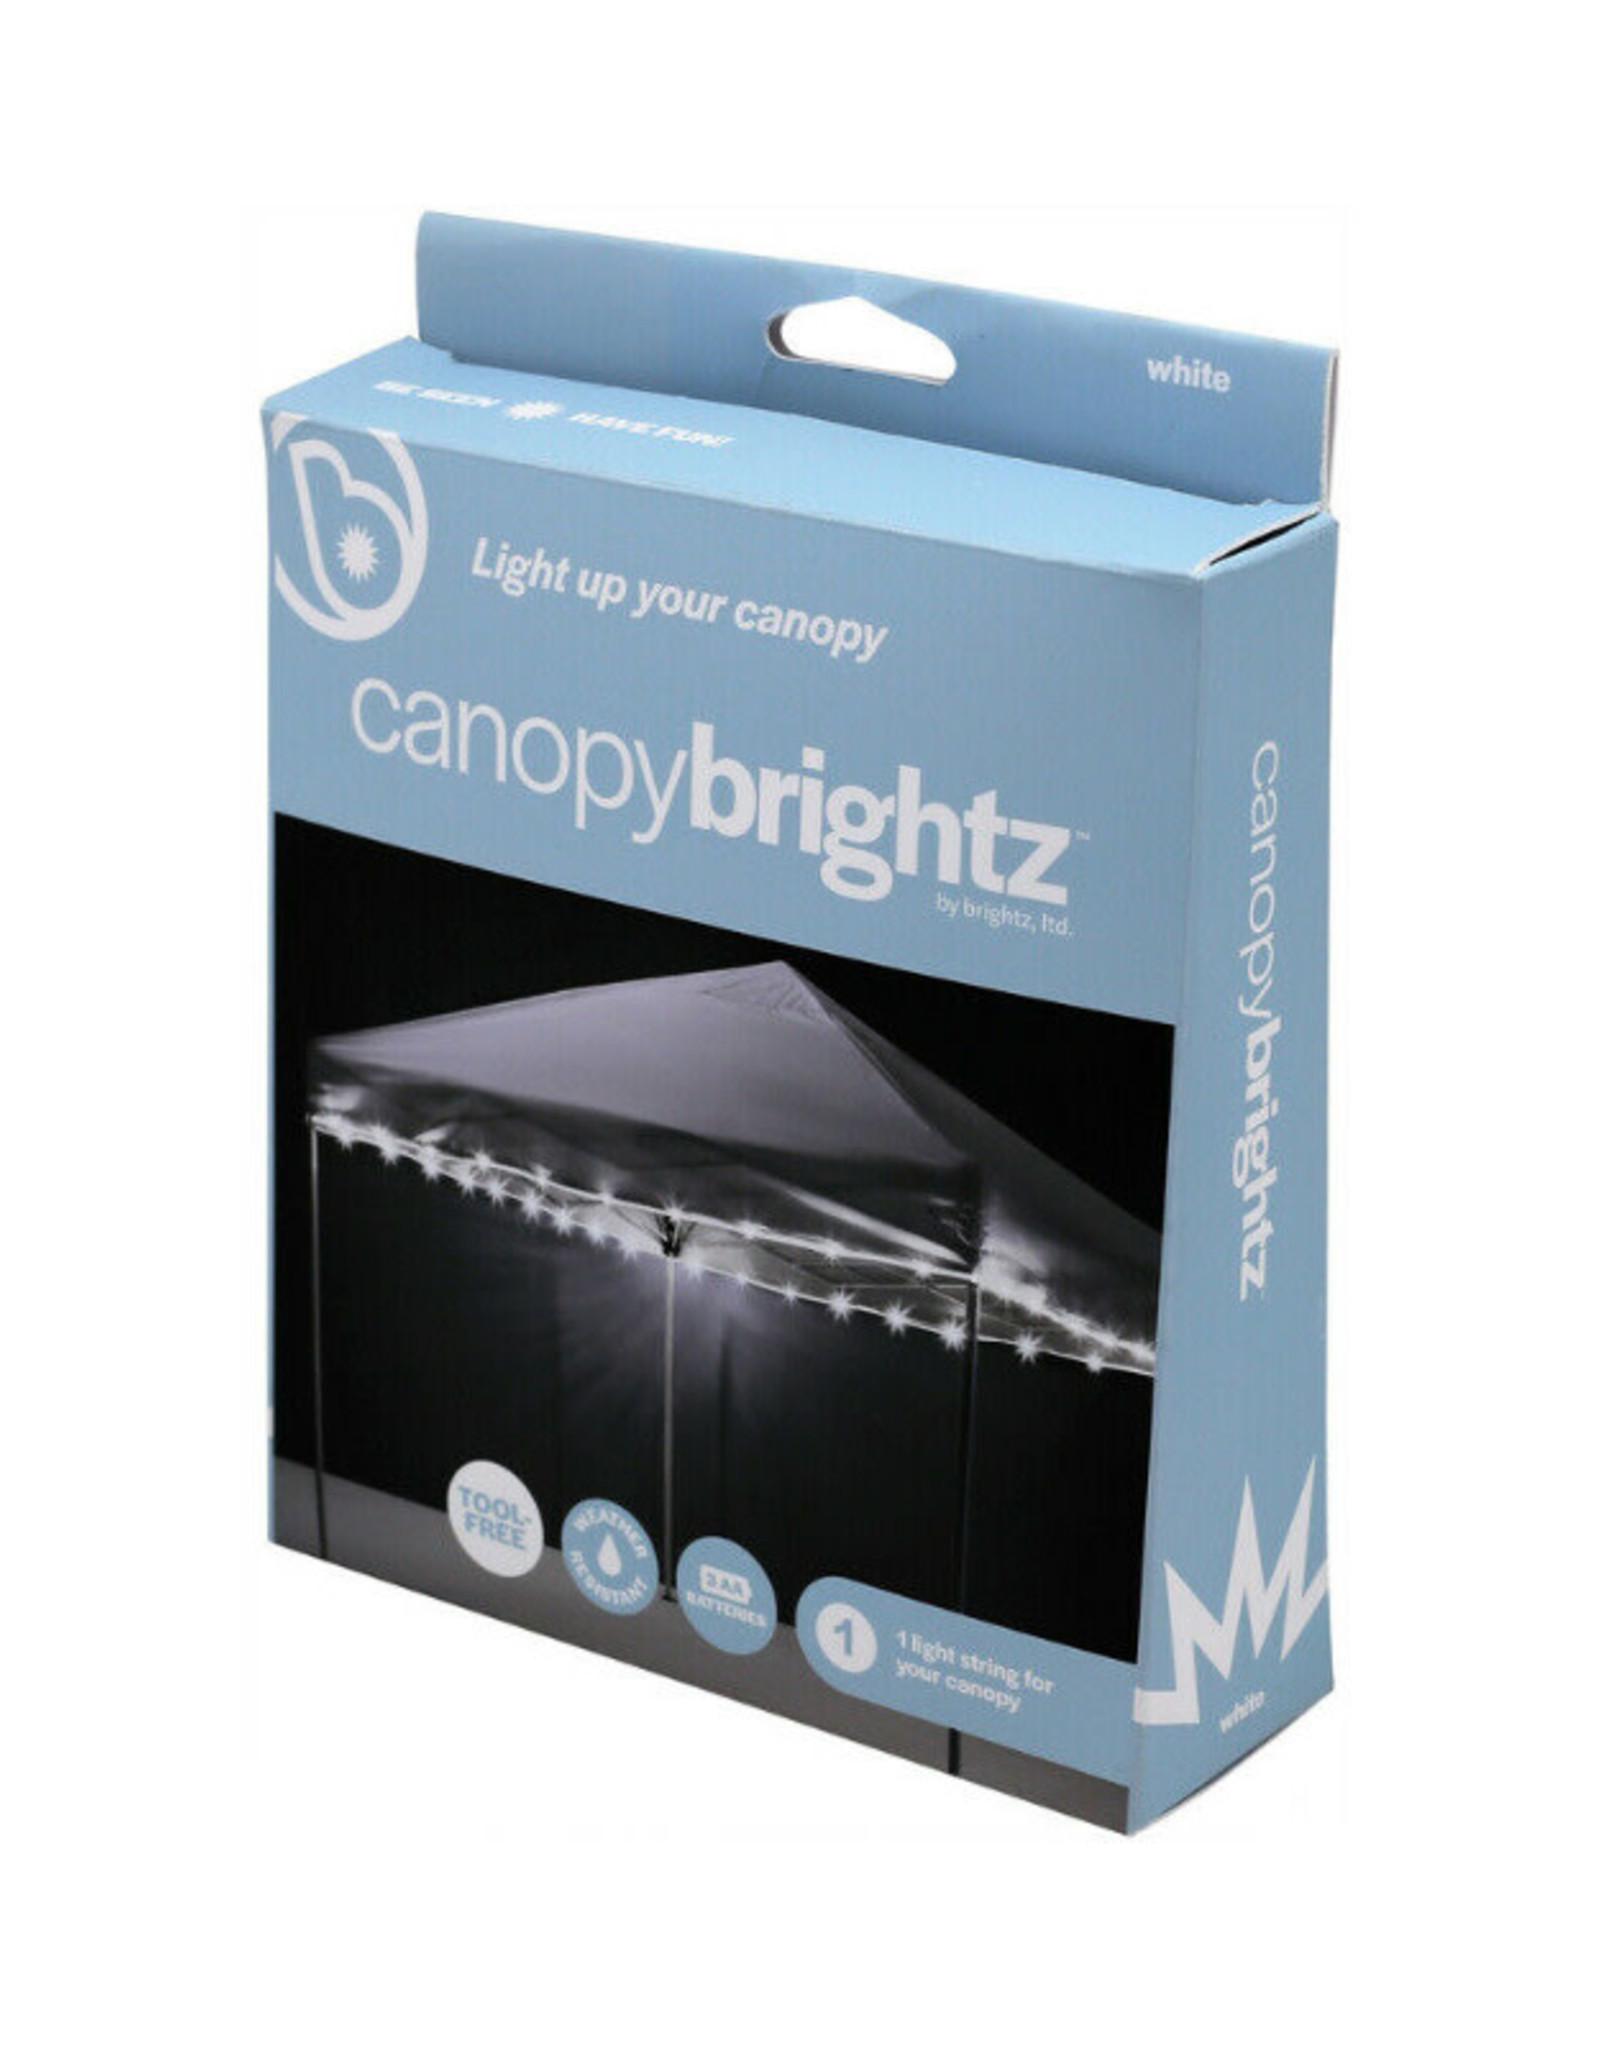 Brightz Canopy Brightz